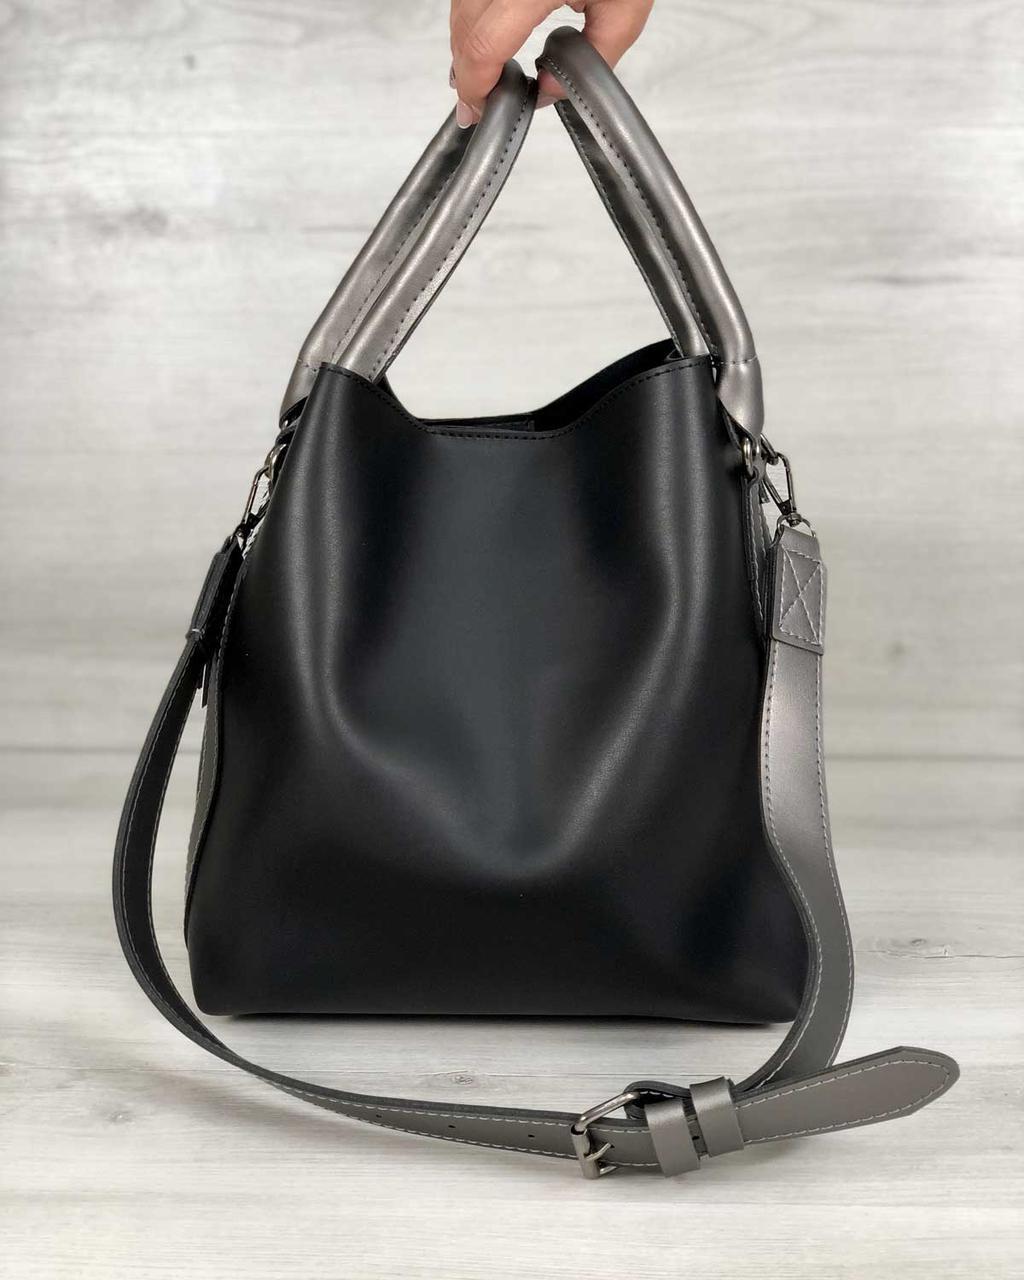 Молодежная женская сумка Леора черного цвета